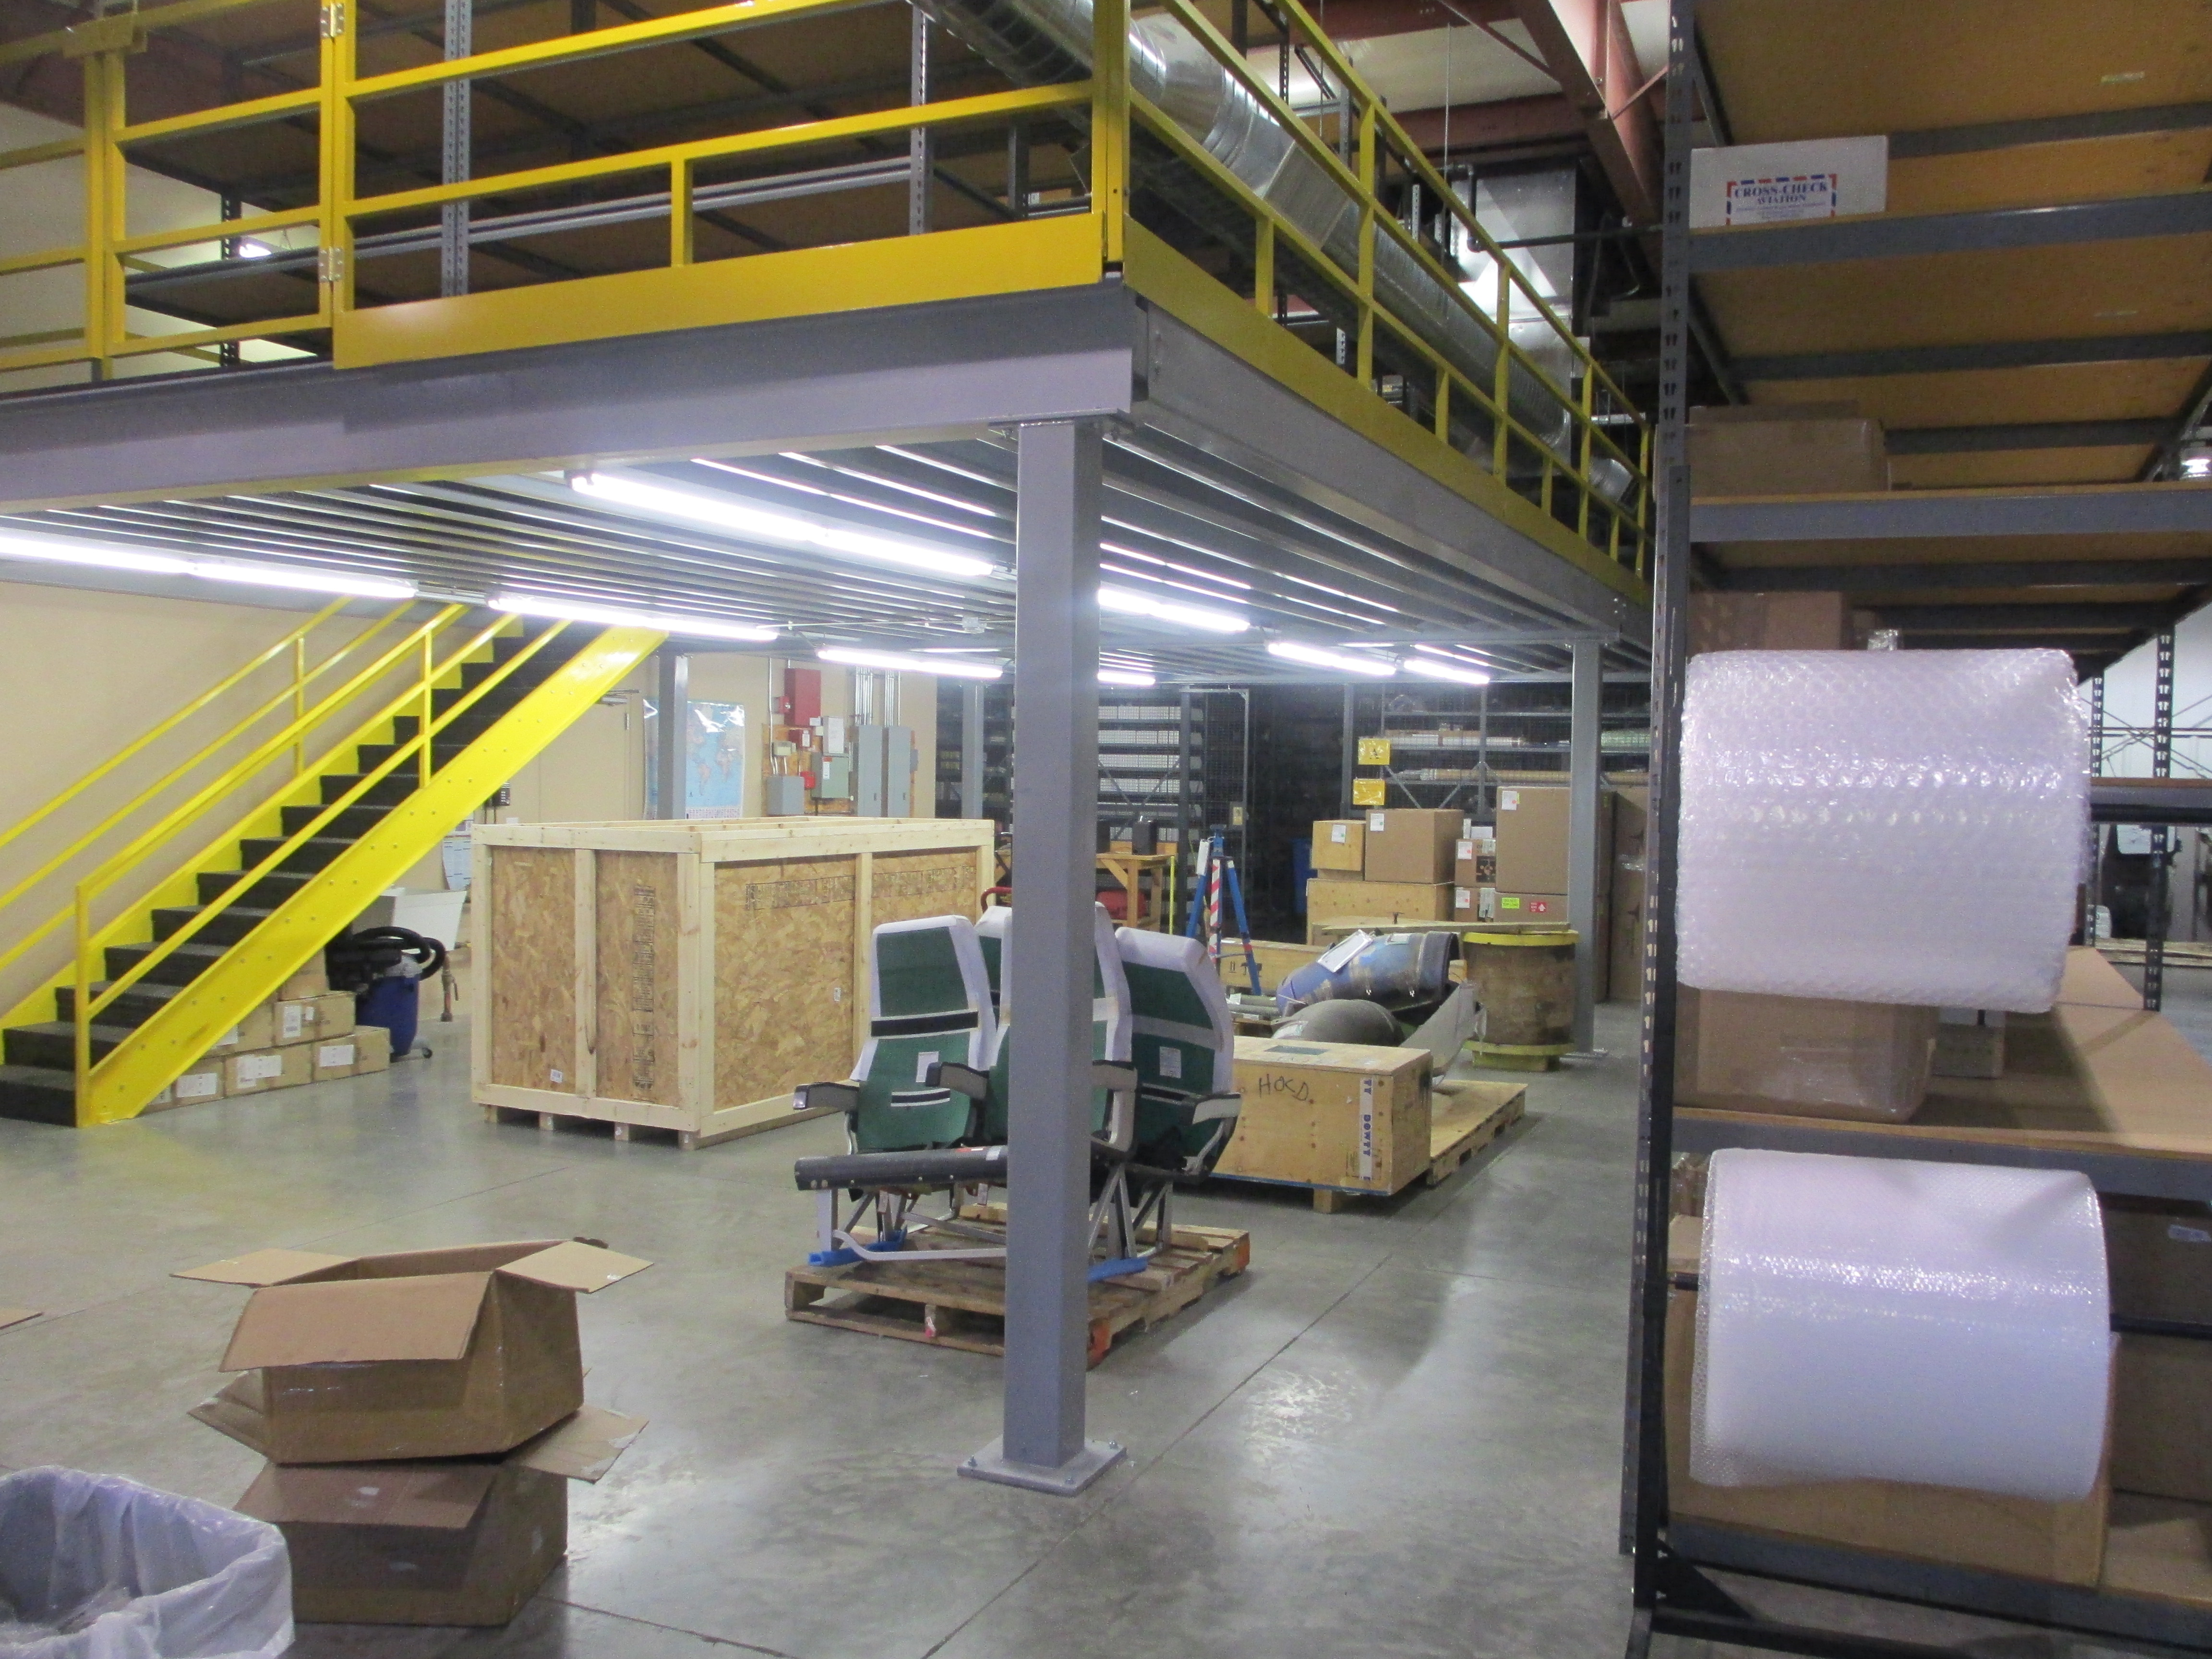 Build A Mezzanine Storage : Mezzanine project with shelving hiawatha ia welter